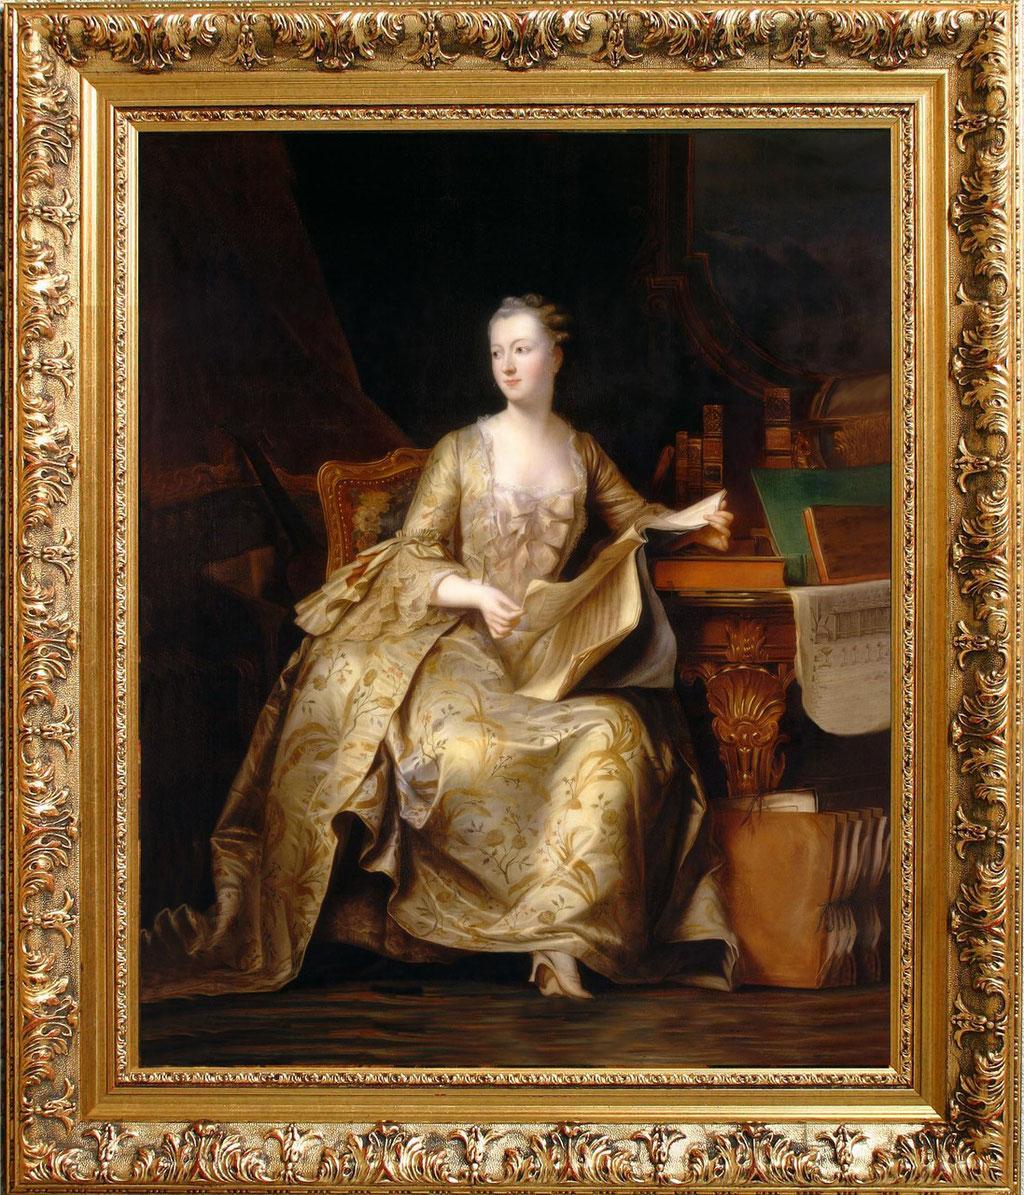 Steuben, Jeanne Antoinette Poisson, marquise de Pompadour (1722-1764)